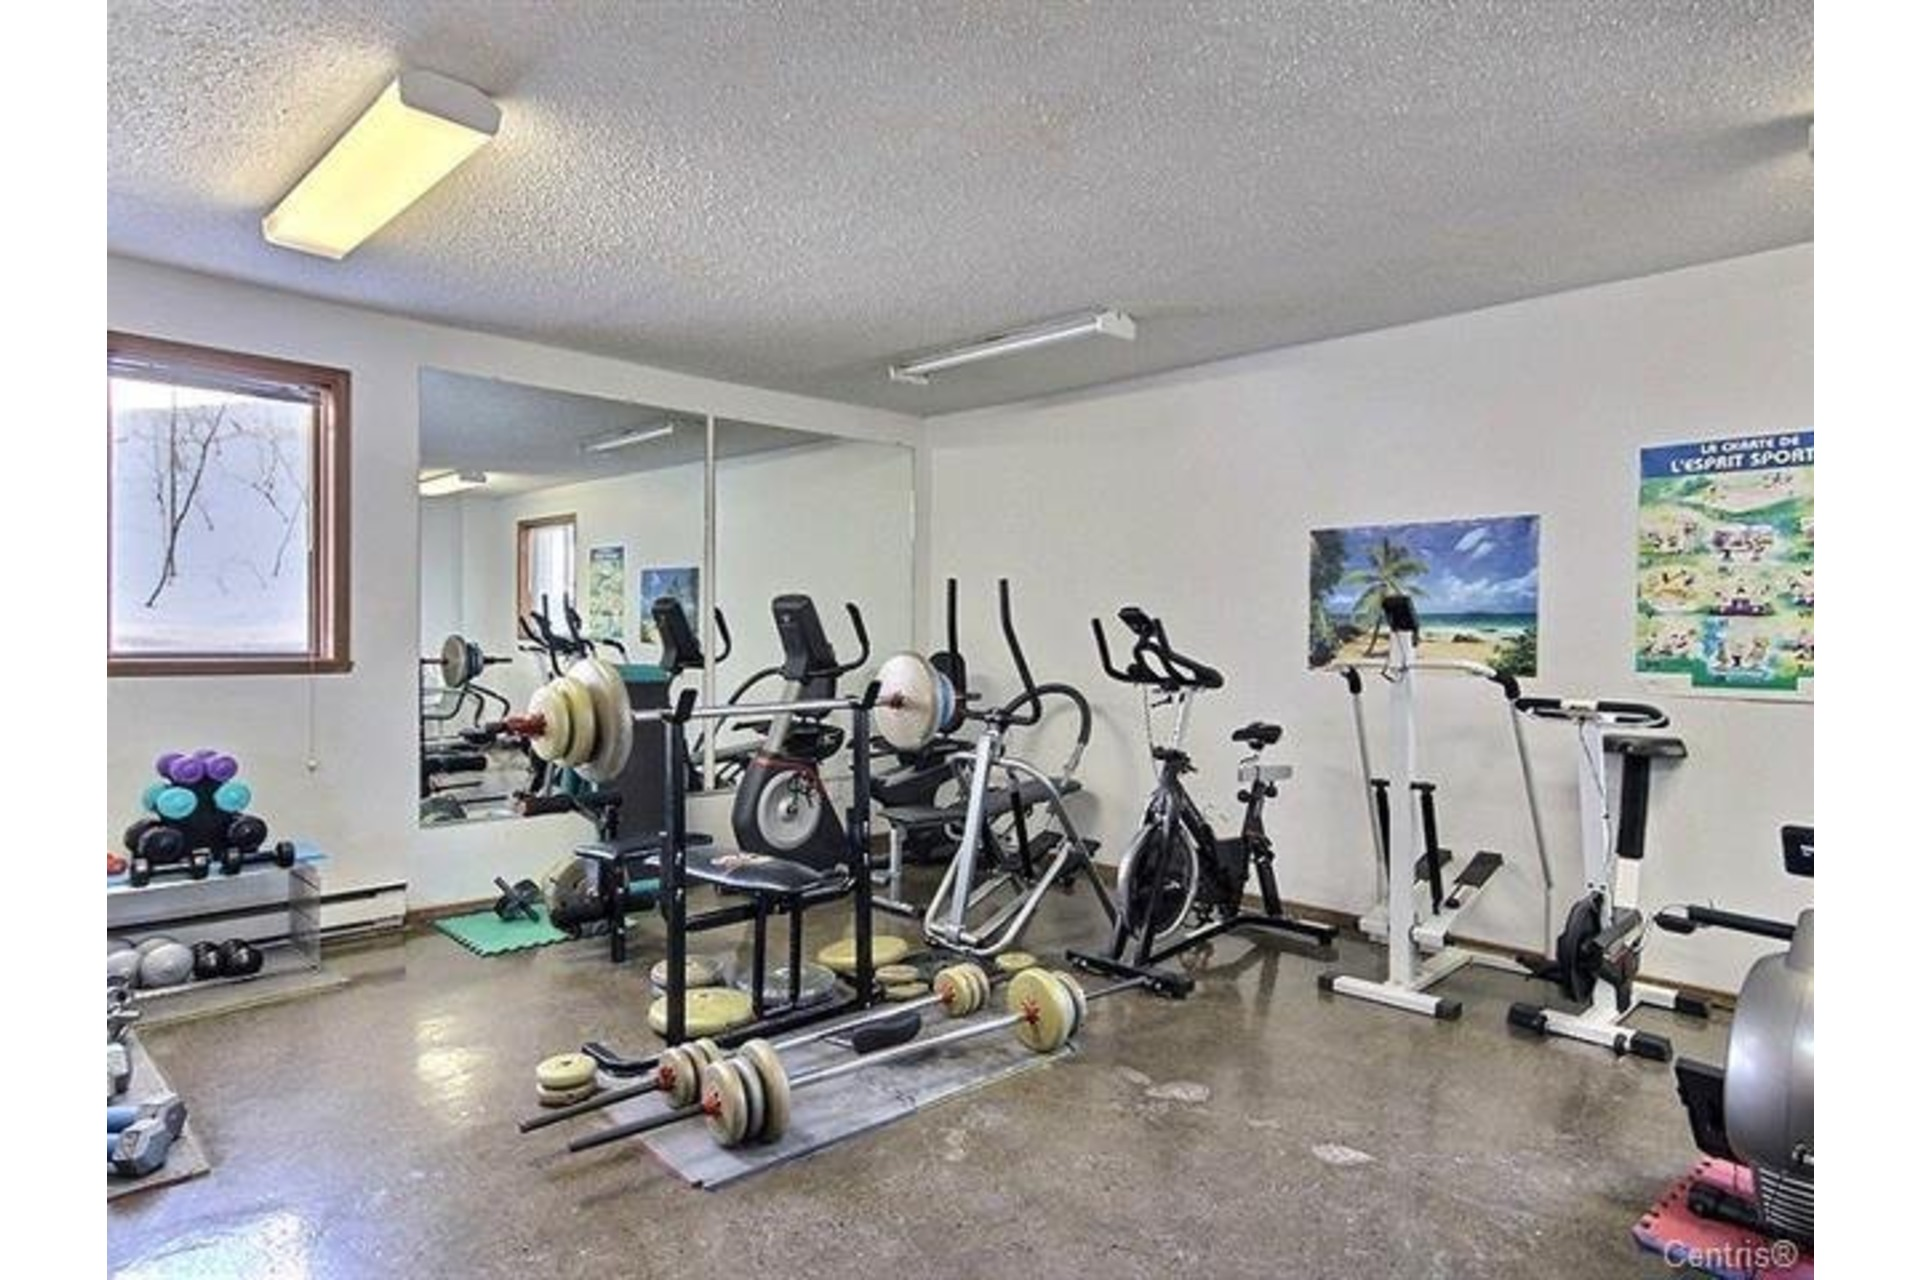 image 22 - Appartement À vendre Trois-Rivières - 8 pièces